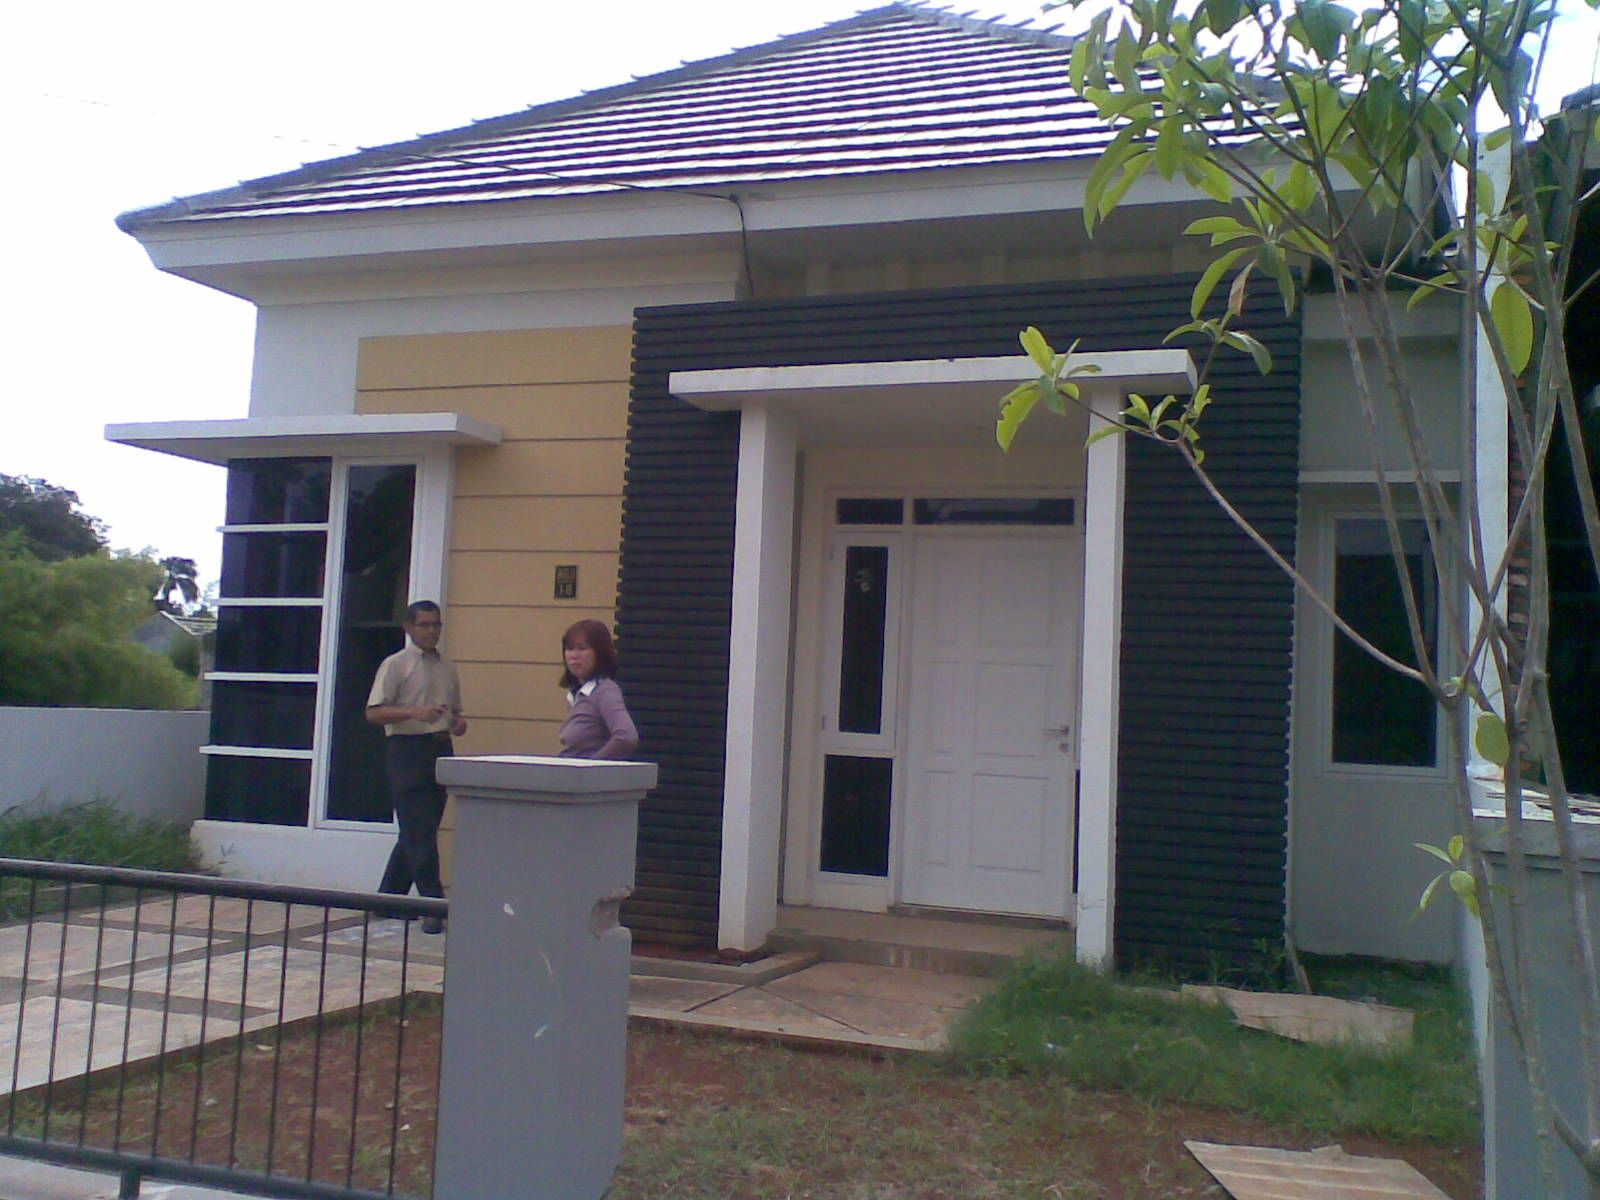 Desain Teras Depan Rumah Depan Di Desa